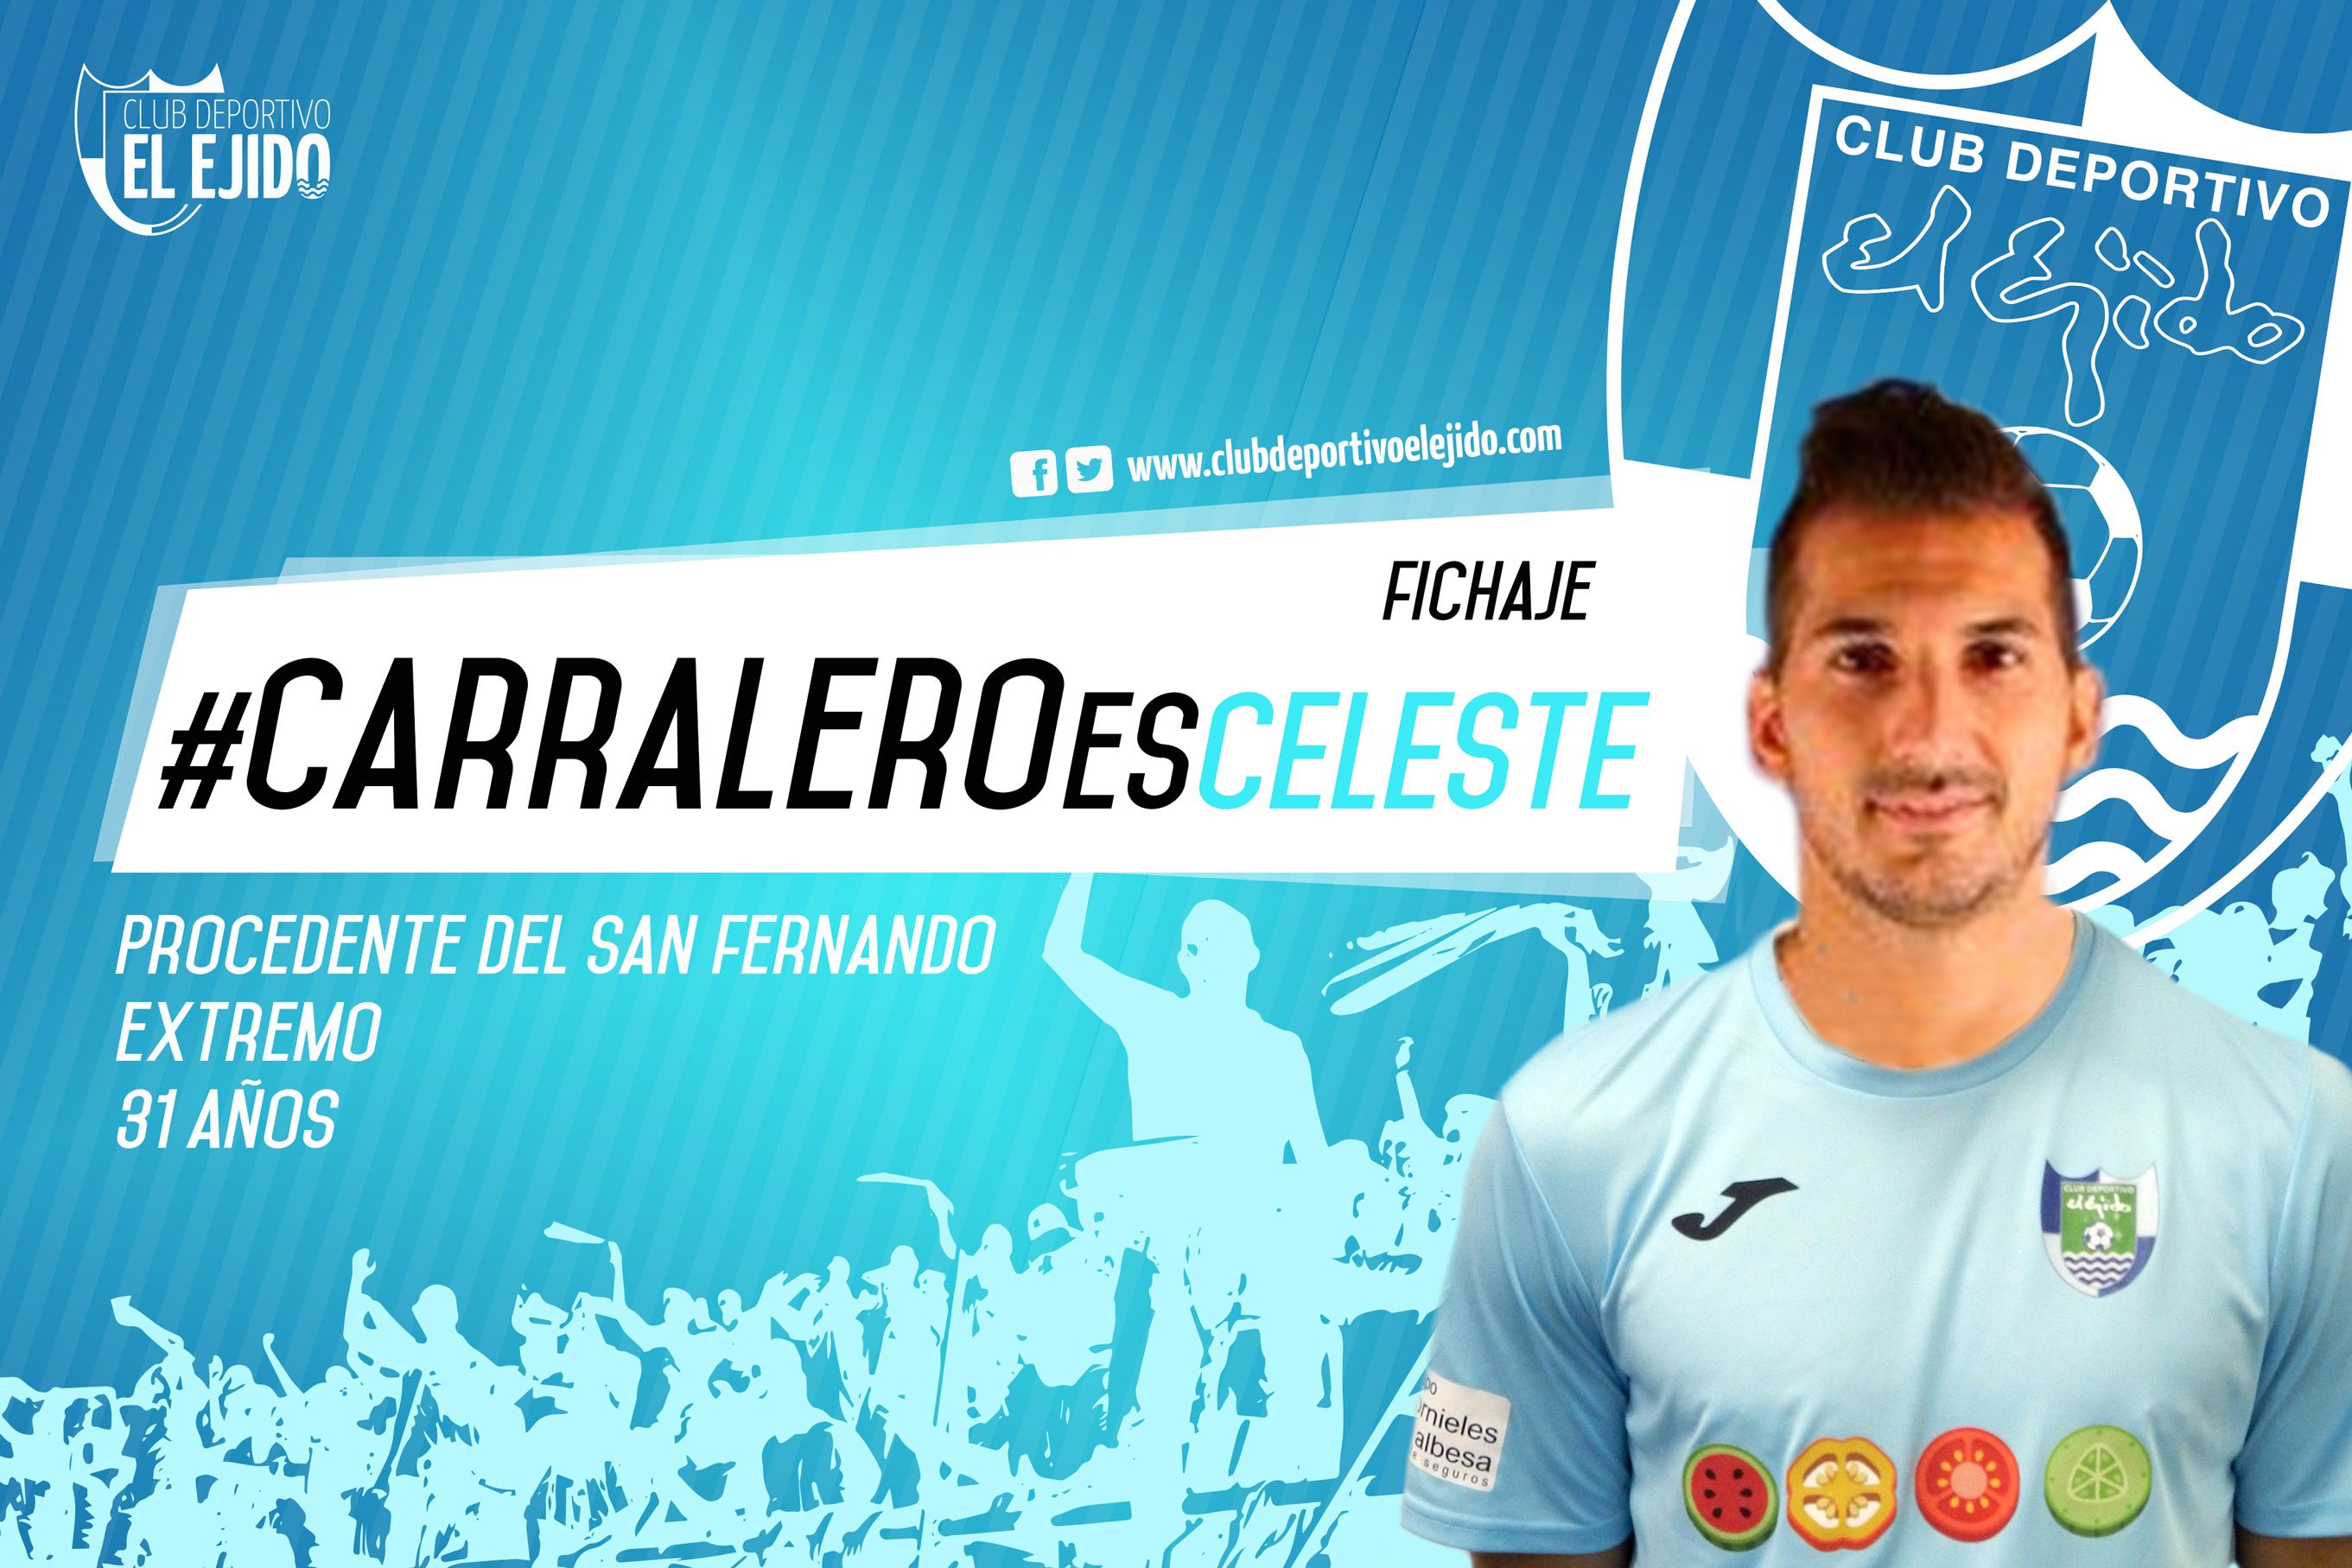 Carralero se convierte en nuevo jugador del CD El Ejido